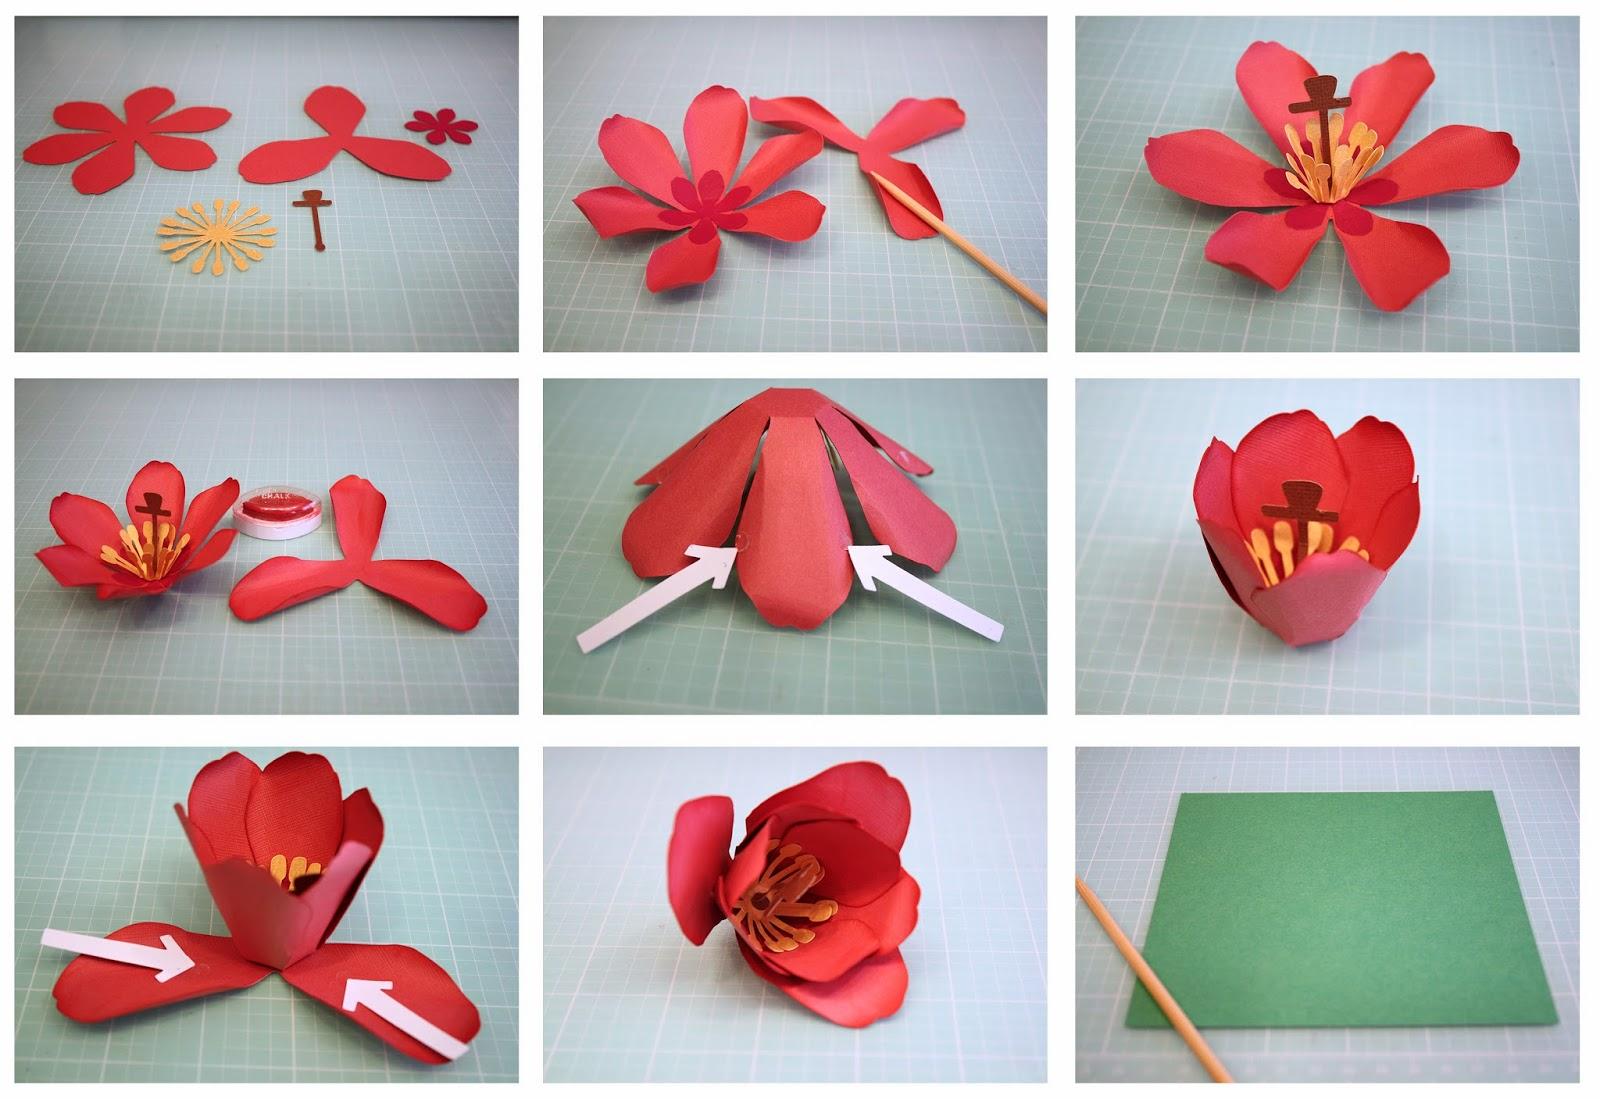 Цветы из бумаги своими руками. Подарок маме на 8 марта 5